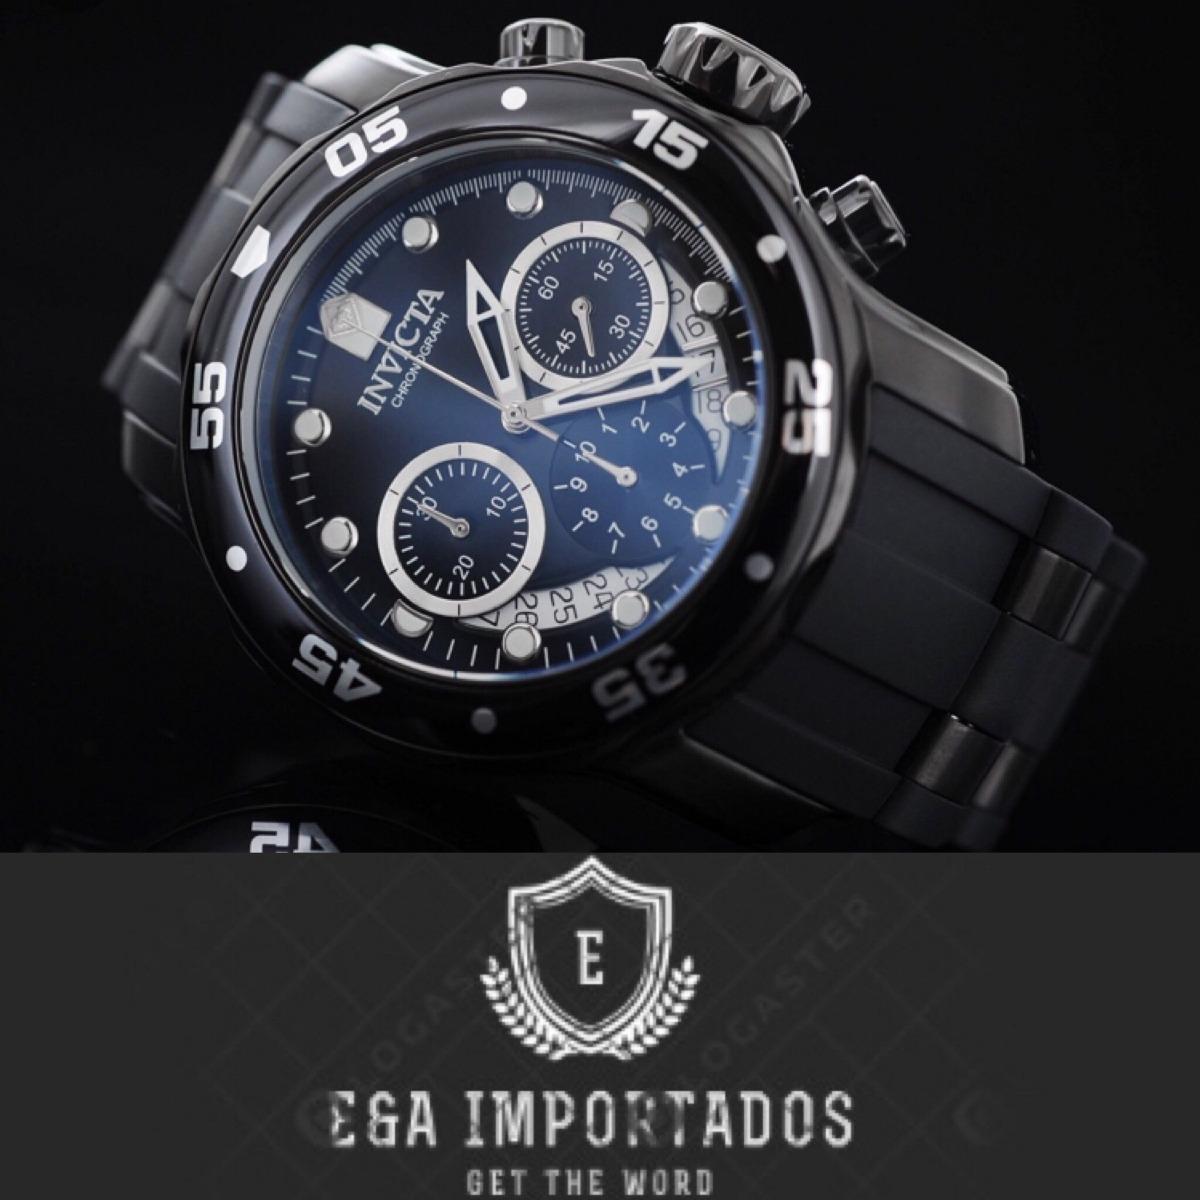 aebfaa3e682 relógio invicta pro diver 0076 preto original 200m. Carregando zoom.